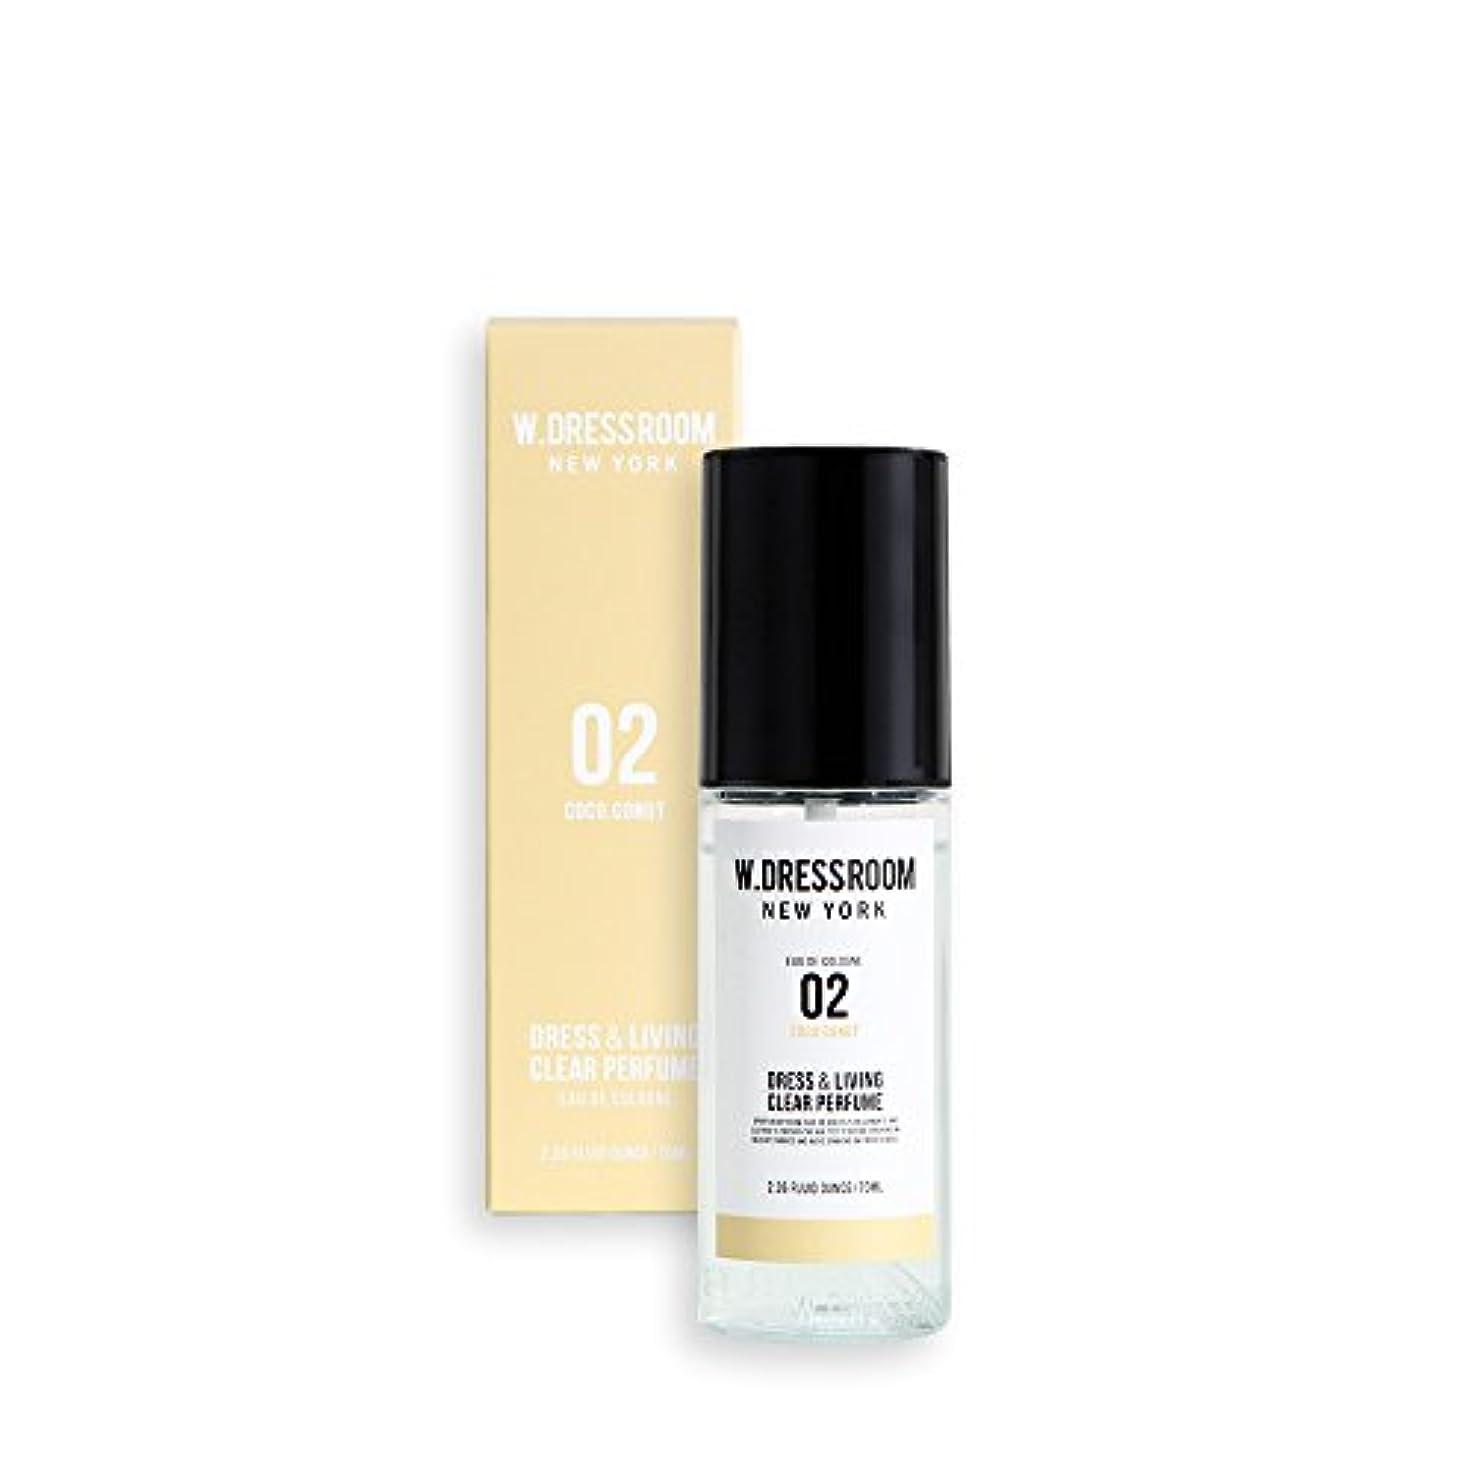 仕事に行く不振突然W.DRESSROOM Dress & Living Clear Perfume 70ml/ダブルドレスルーム ドレス&リビング クリア パフューム 70ml (#No.02 Coco Conut) [並行輸入品]